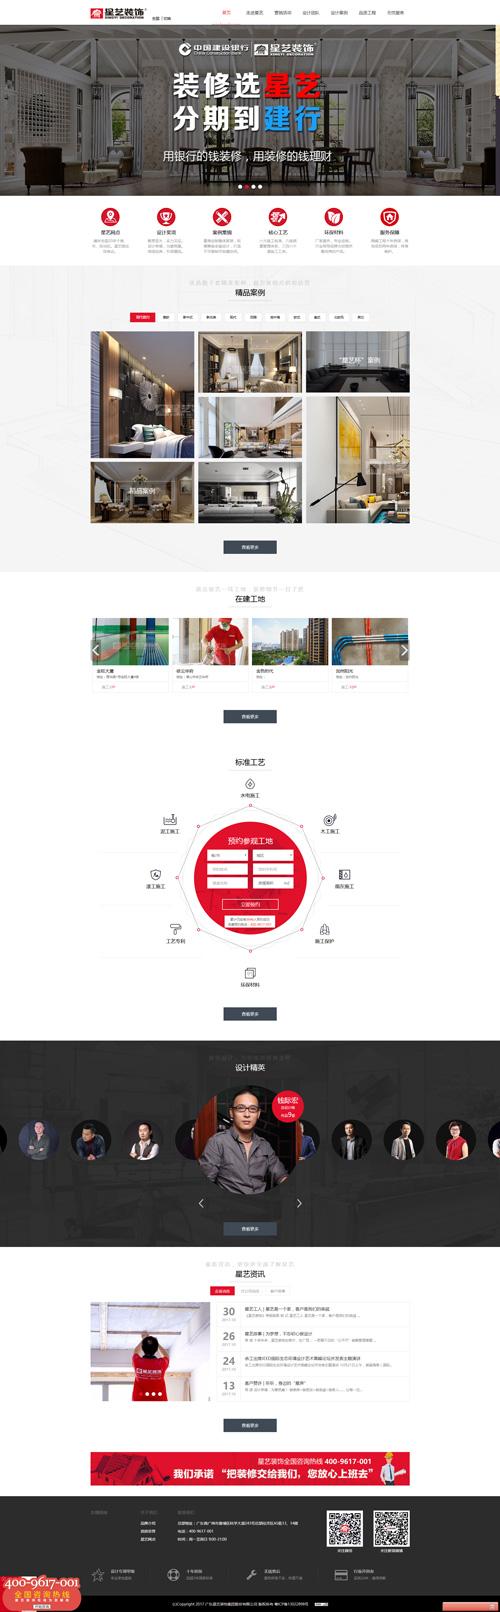 装饰装修公司官方网站建设